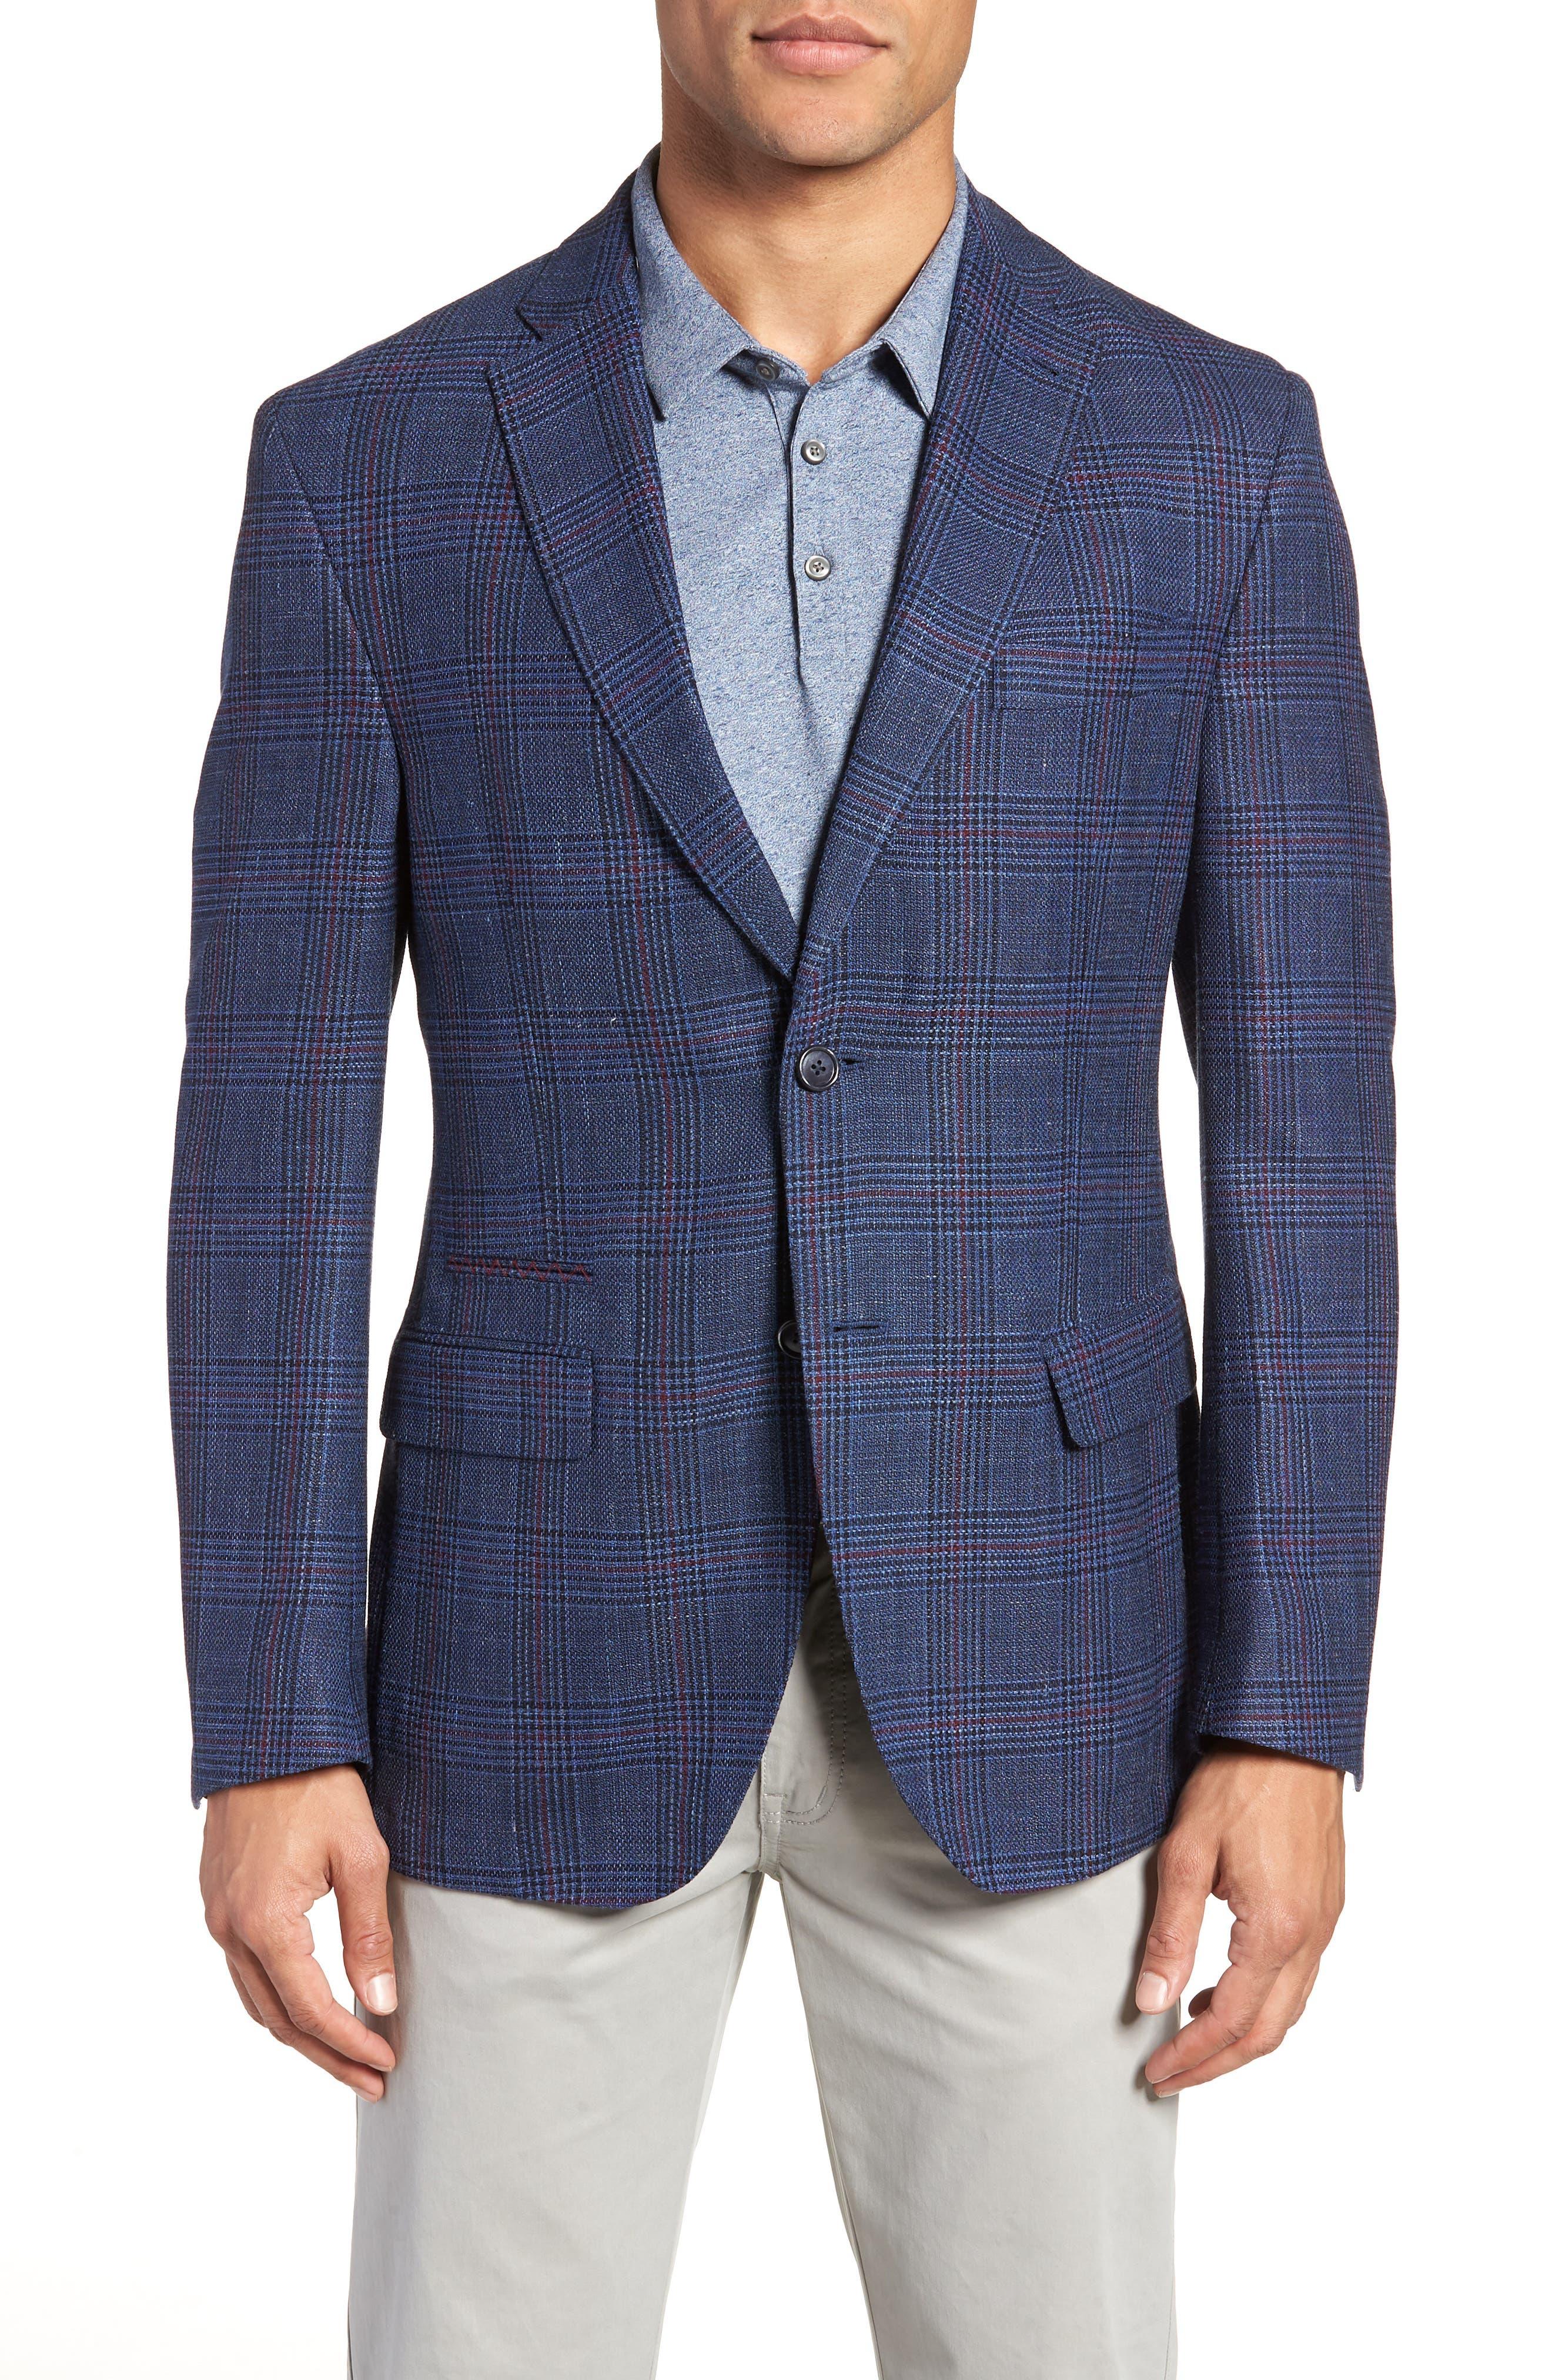 JKT New York Roger Plaid Wool & Linen Sport Coat